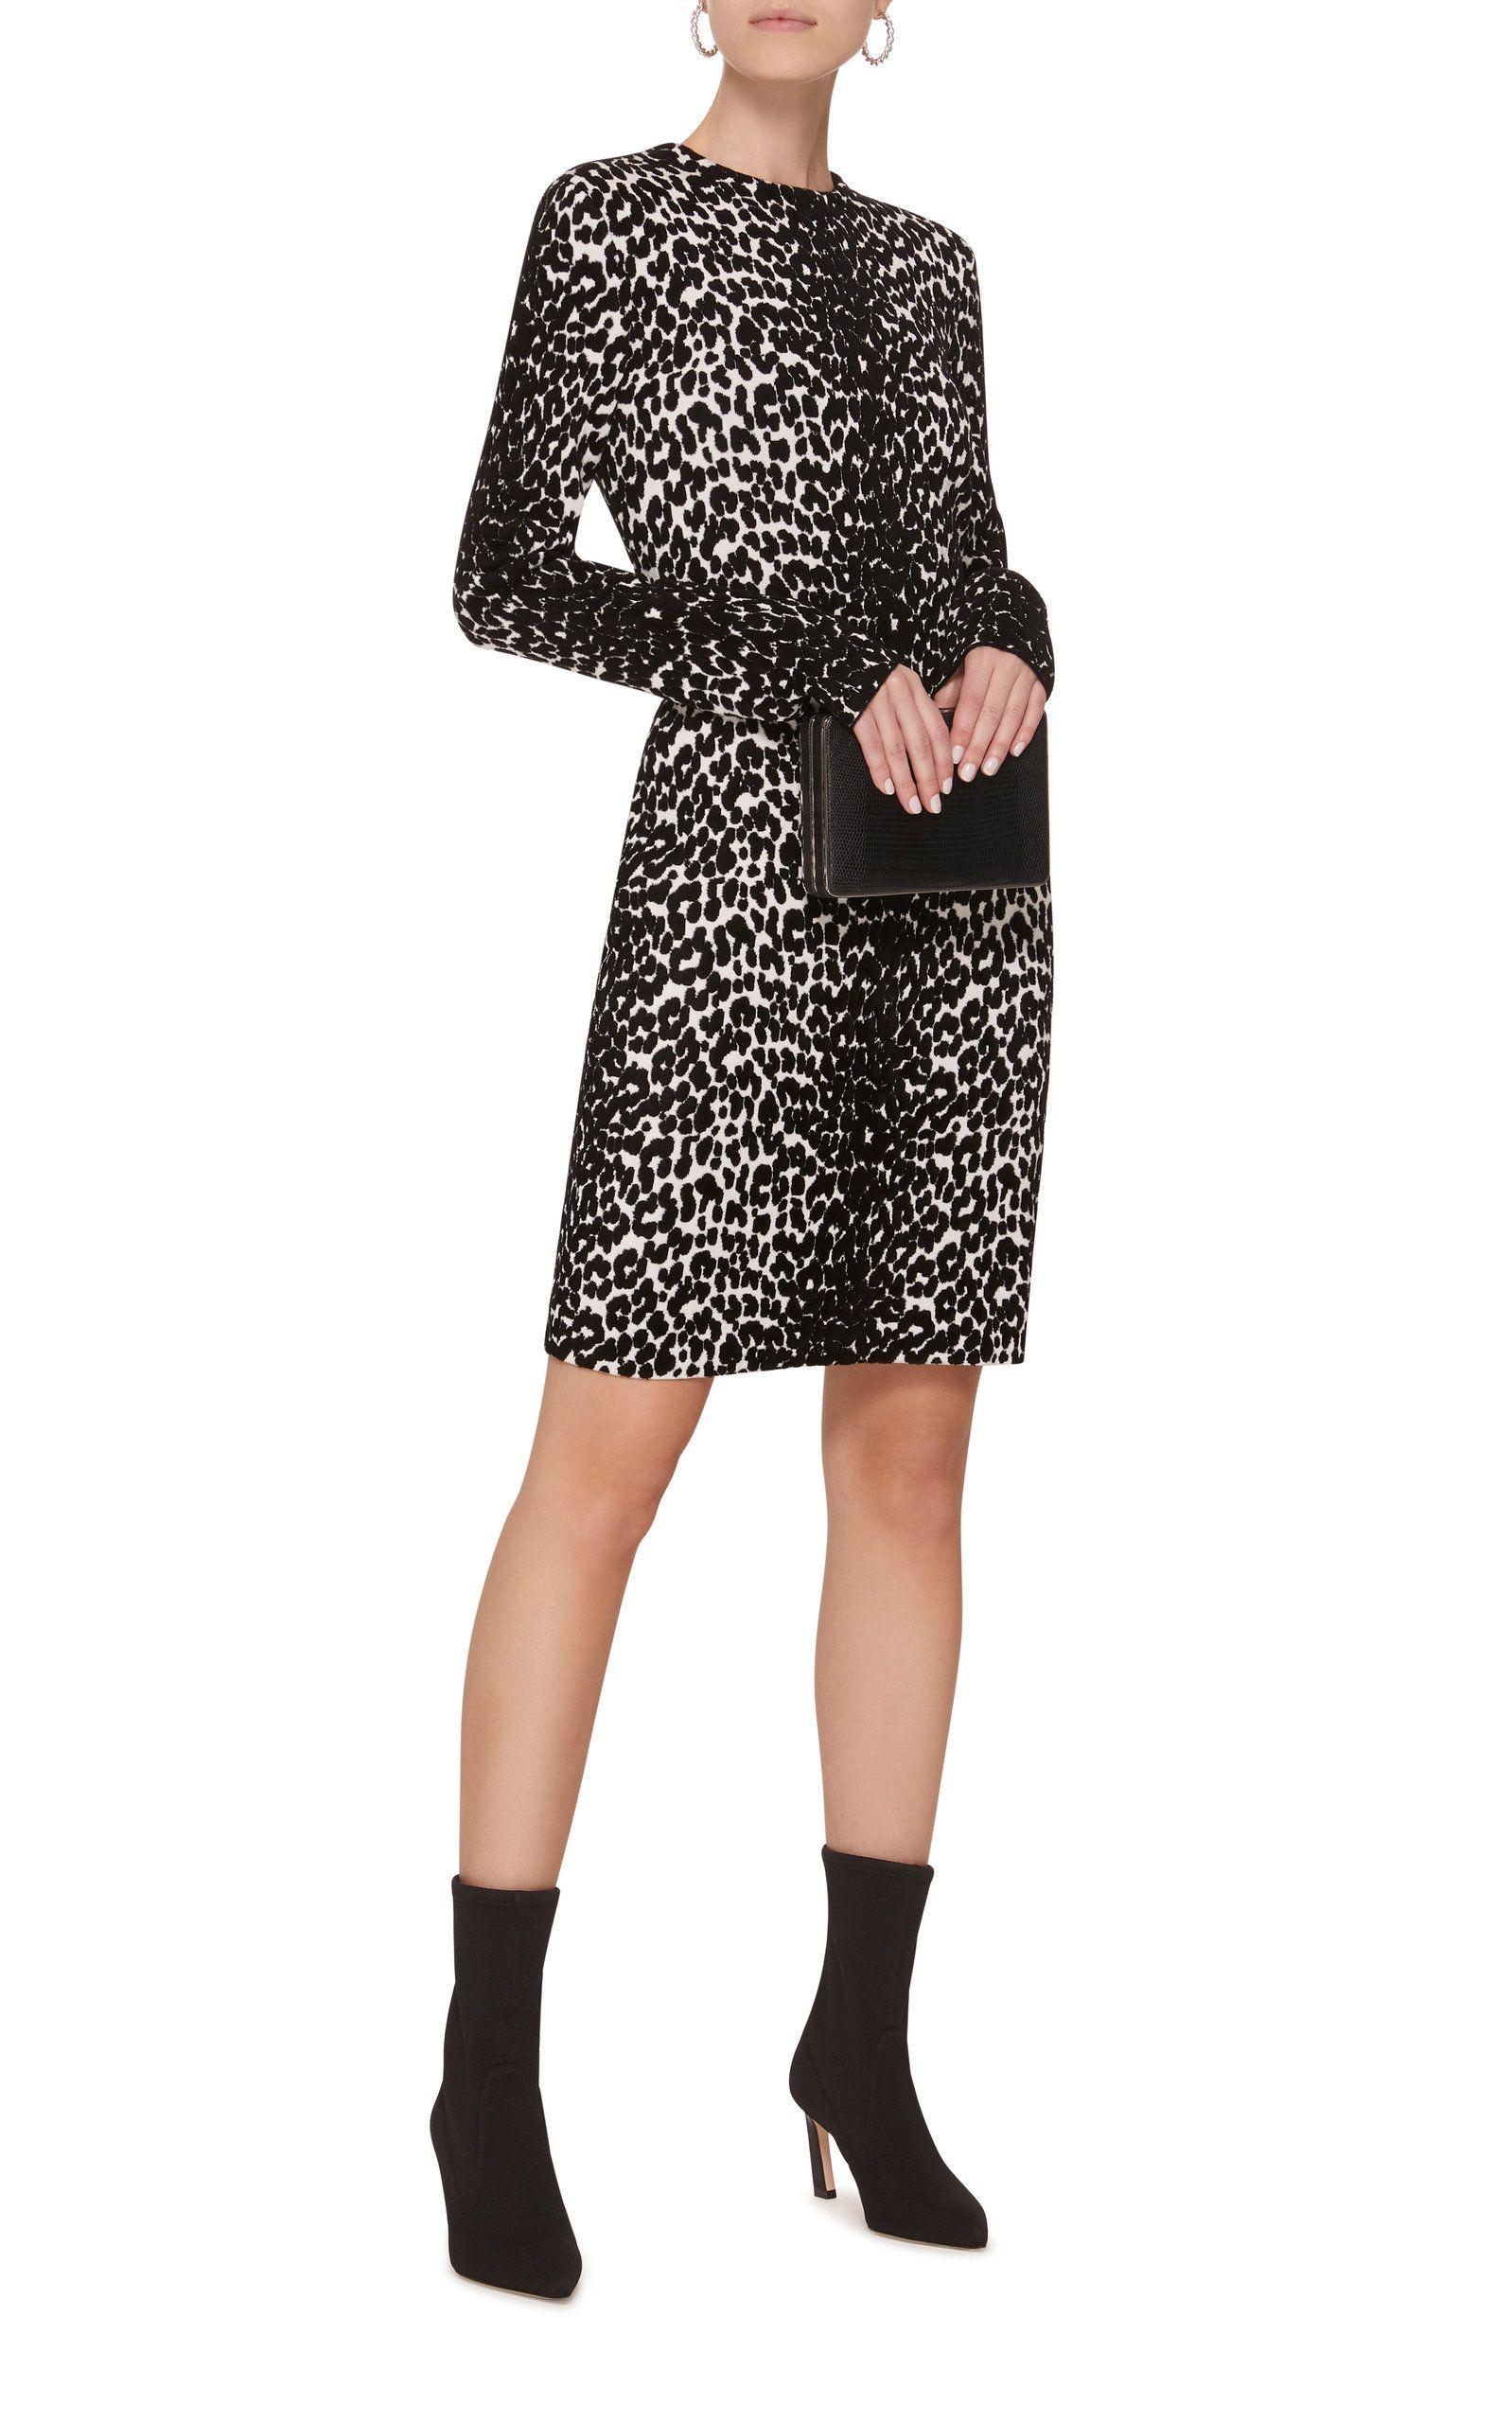 d56ccea0e0 Leopard-Print Stretch-Knit Mini Dress in 2018